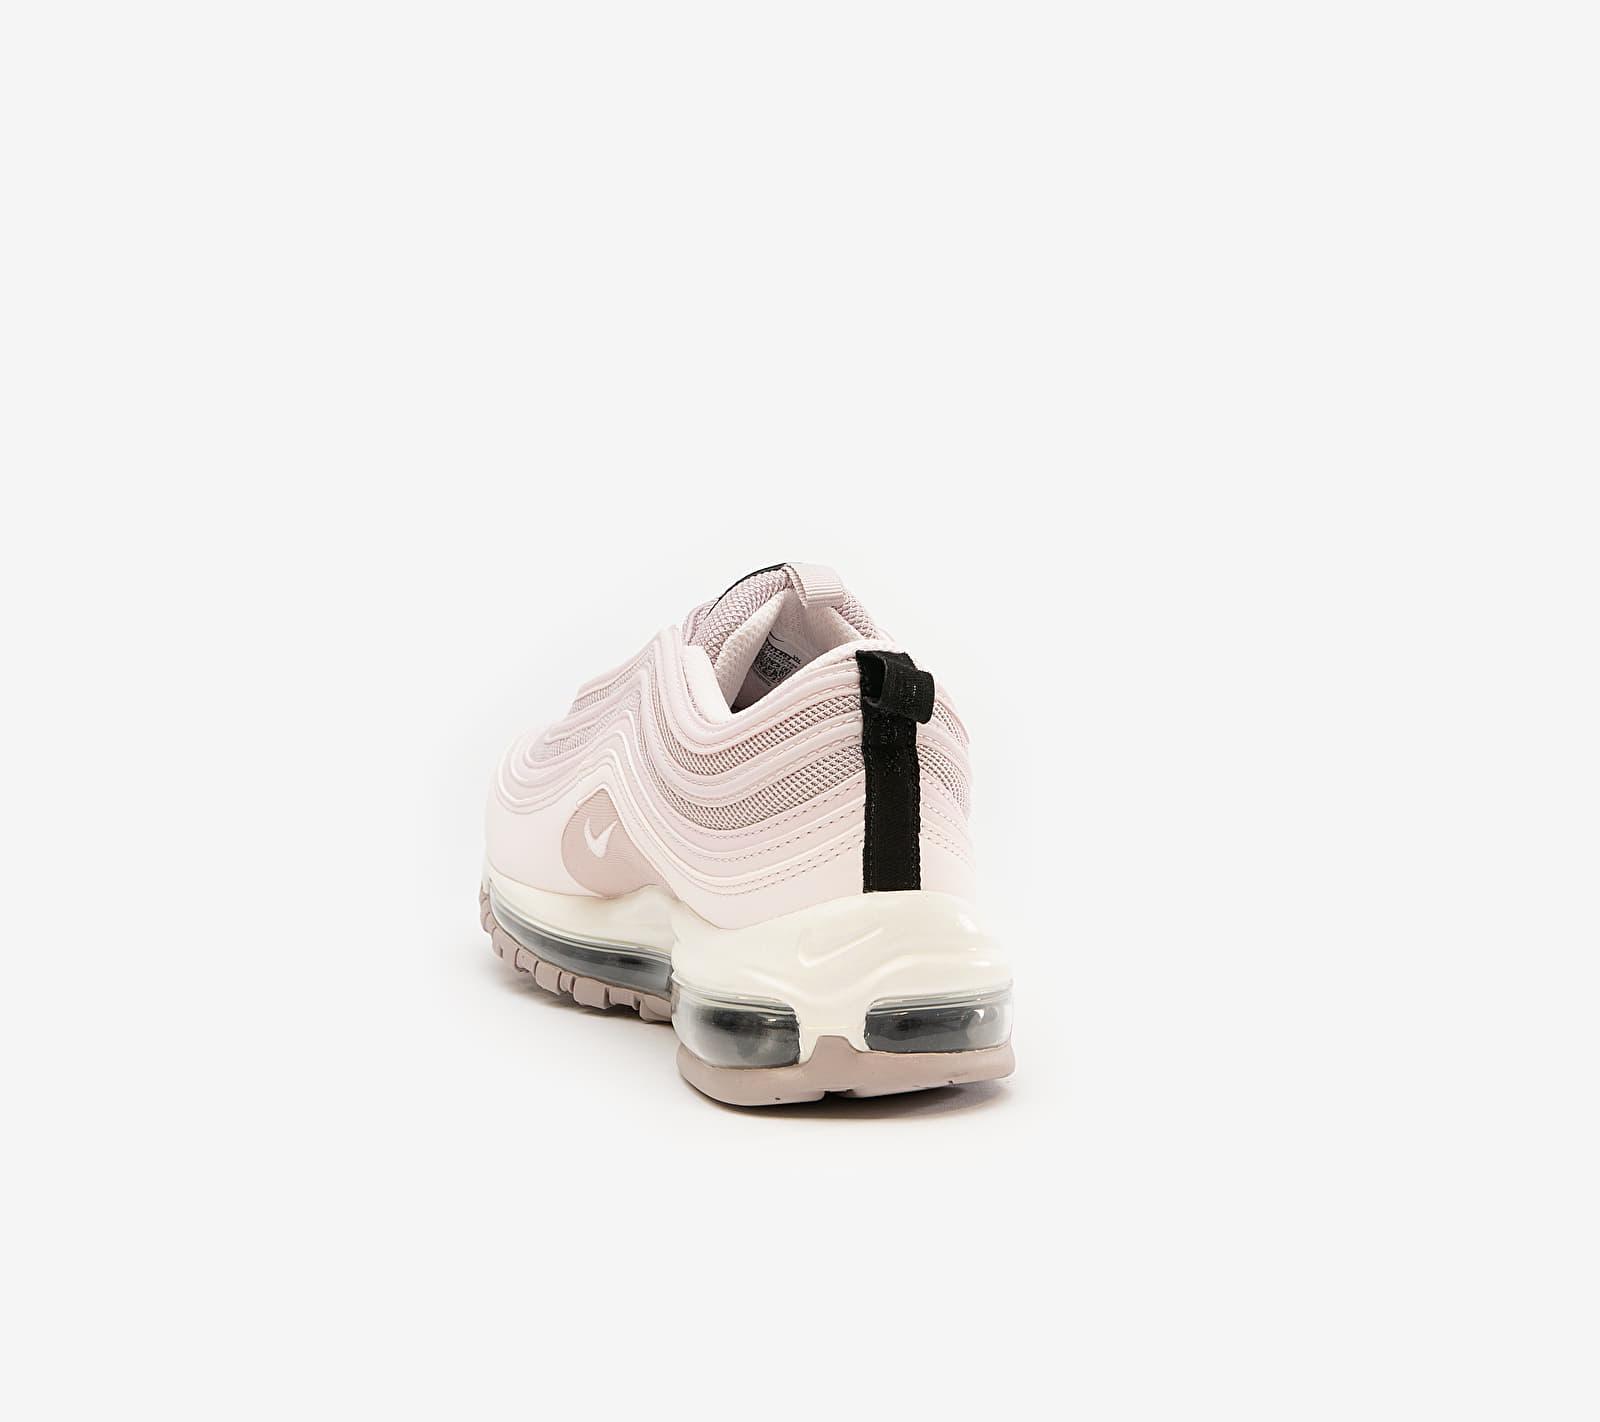 Air Max 97 Zapatillas Nike de color Rosa